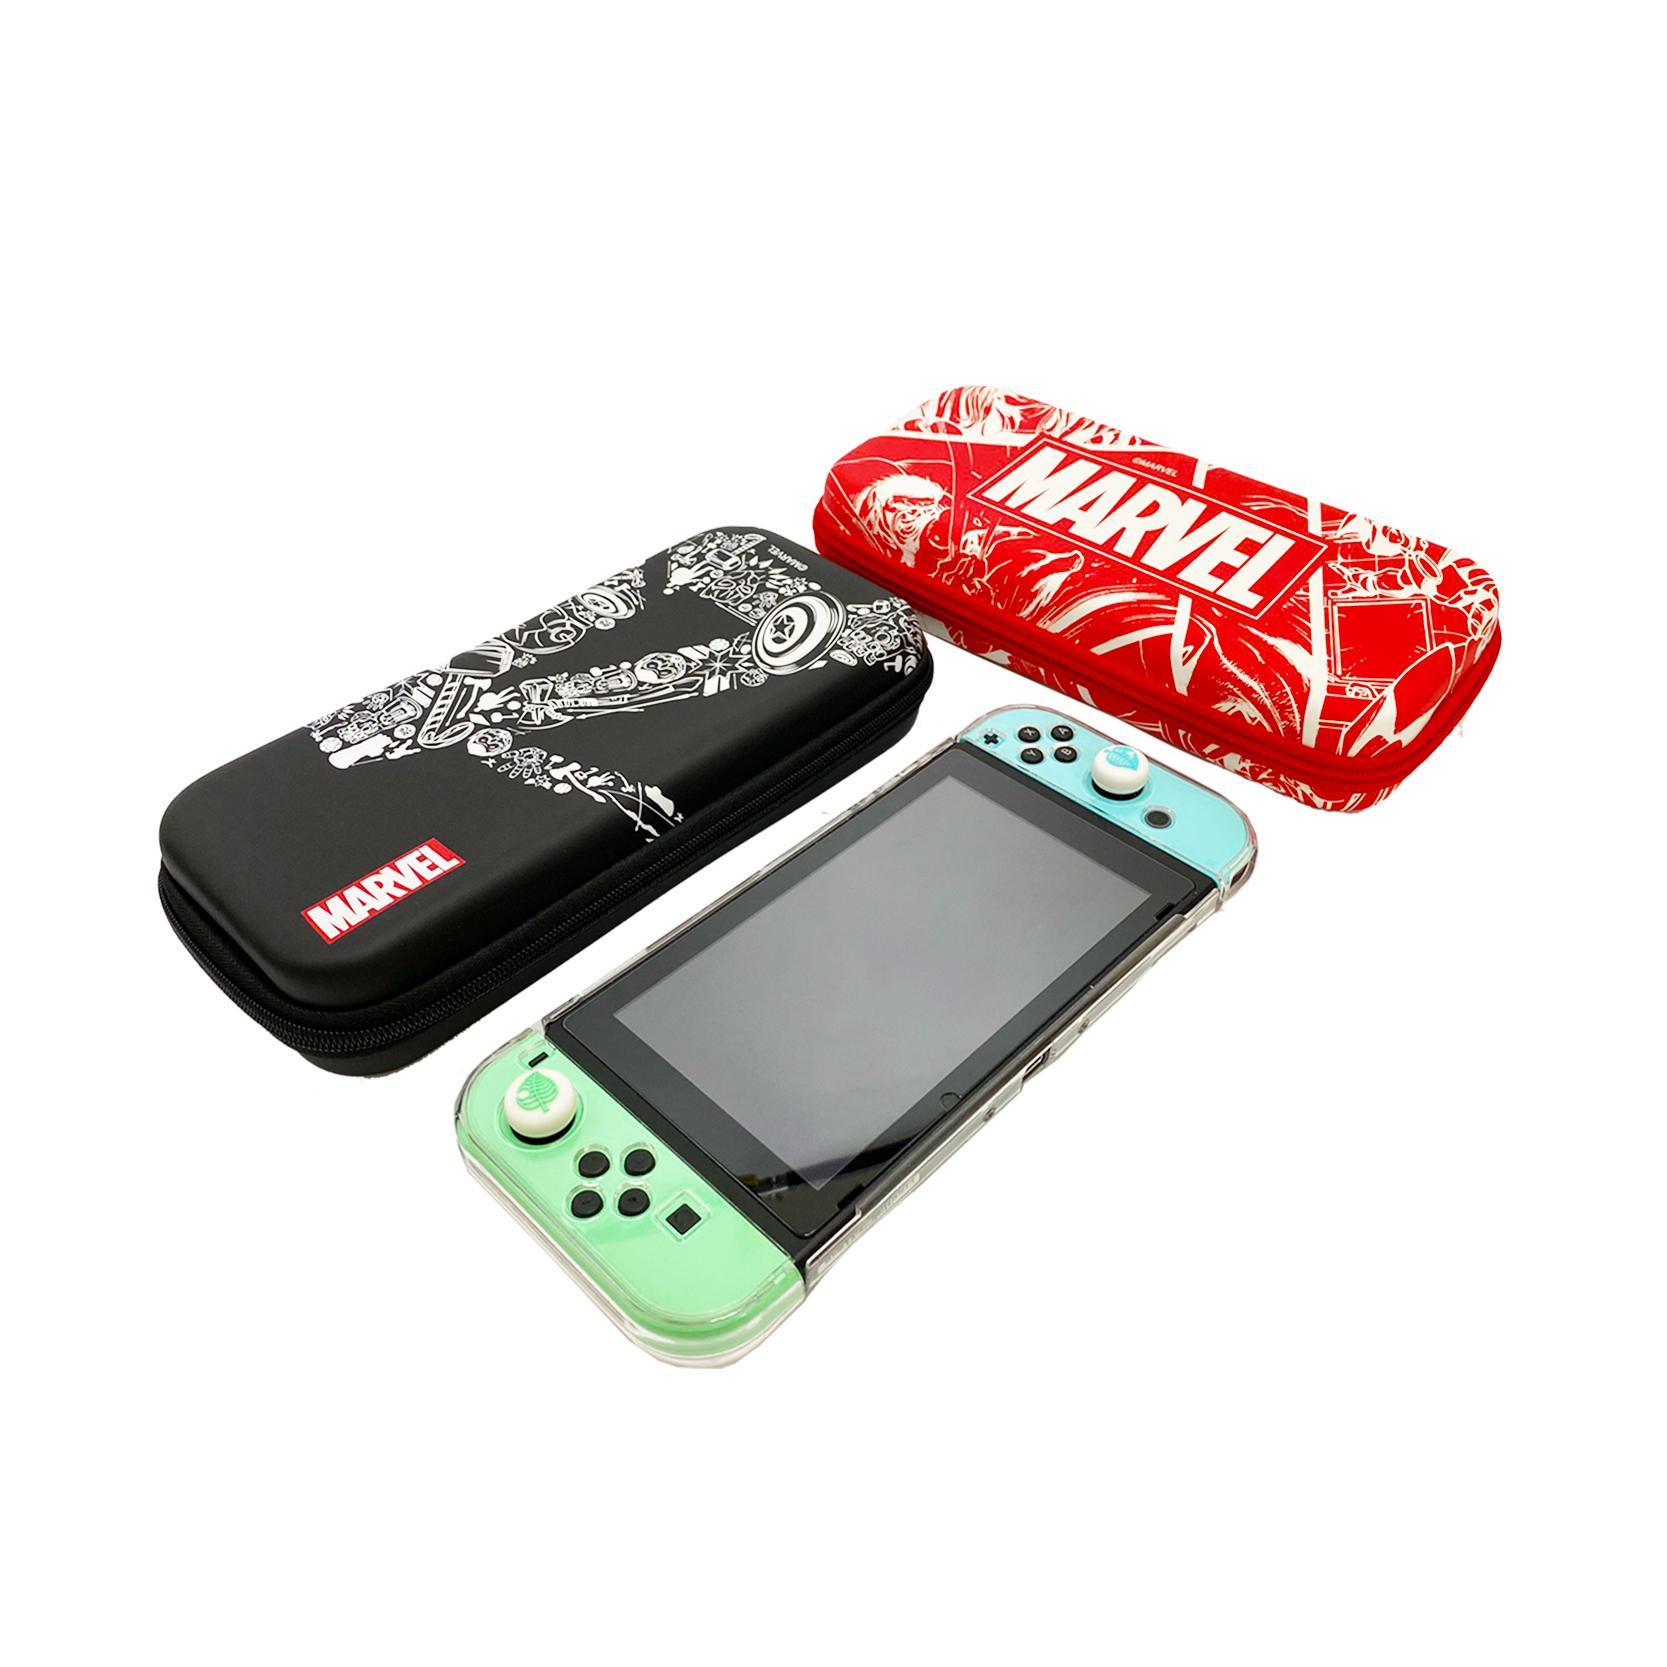 MARVEL Switch收納盒-漫畫紅款【MAR20Q1SC2602】